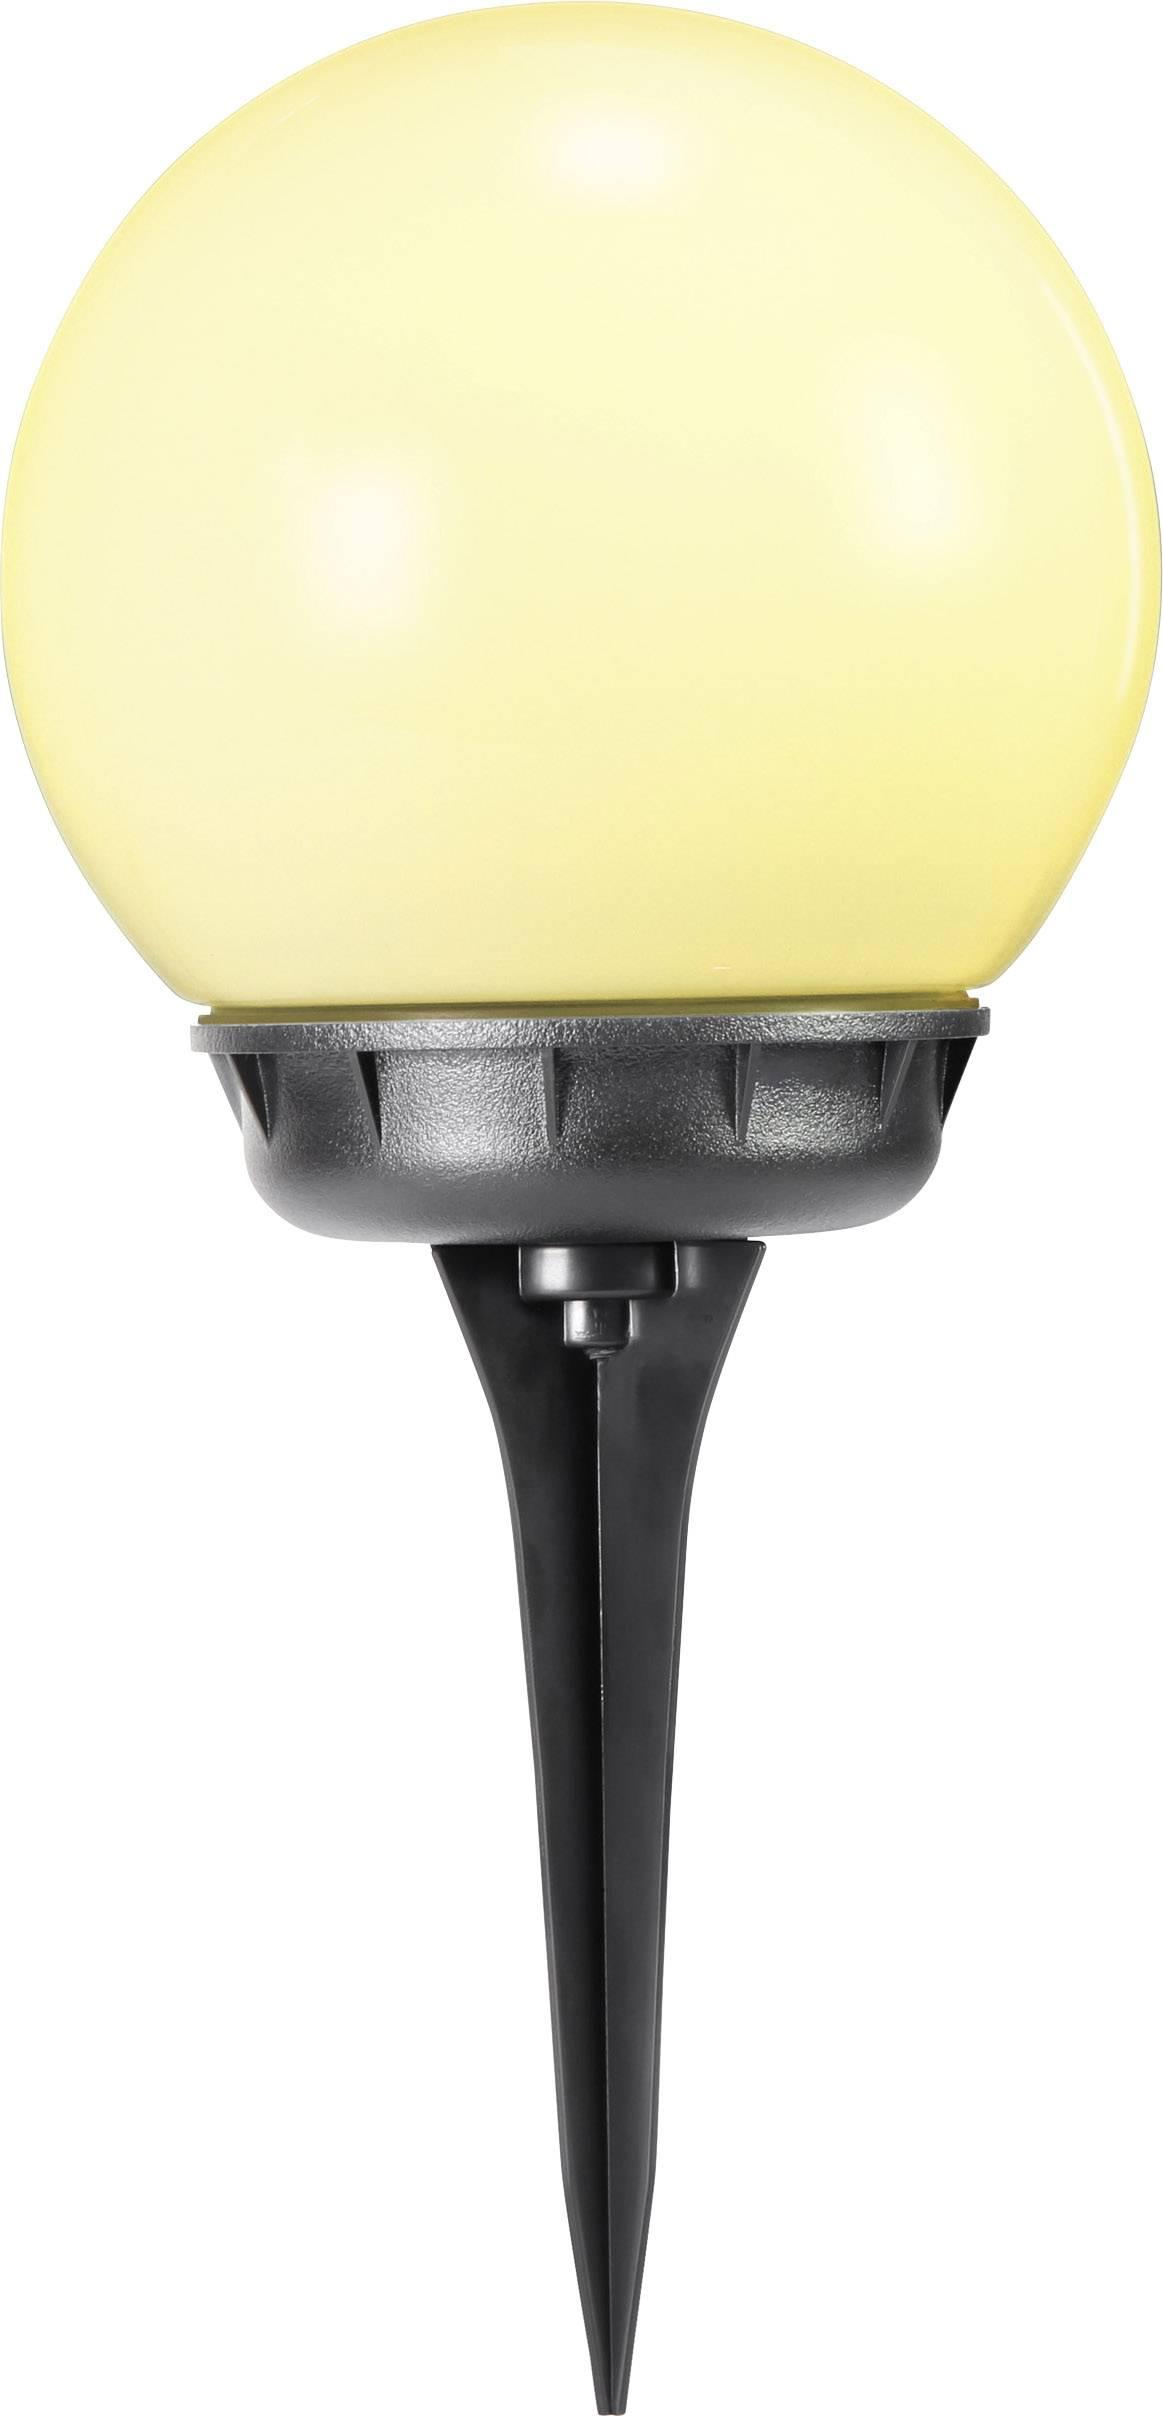 LED solární zahradní svítidlo koule Polarlite S20B PL-8232035, IP44, teplá bílá